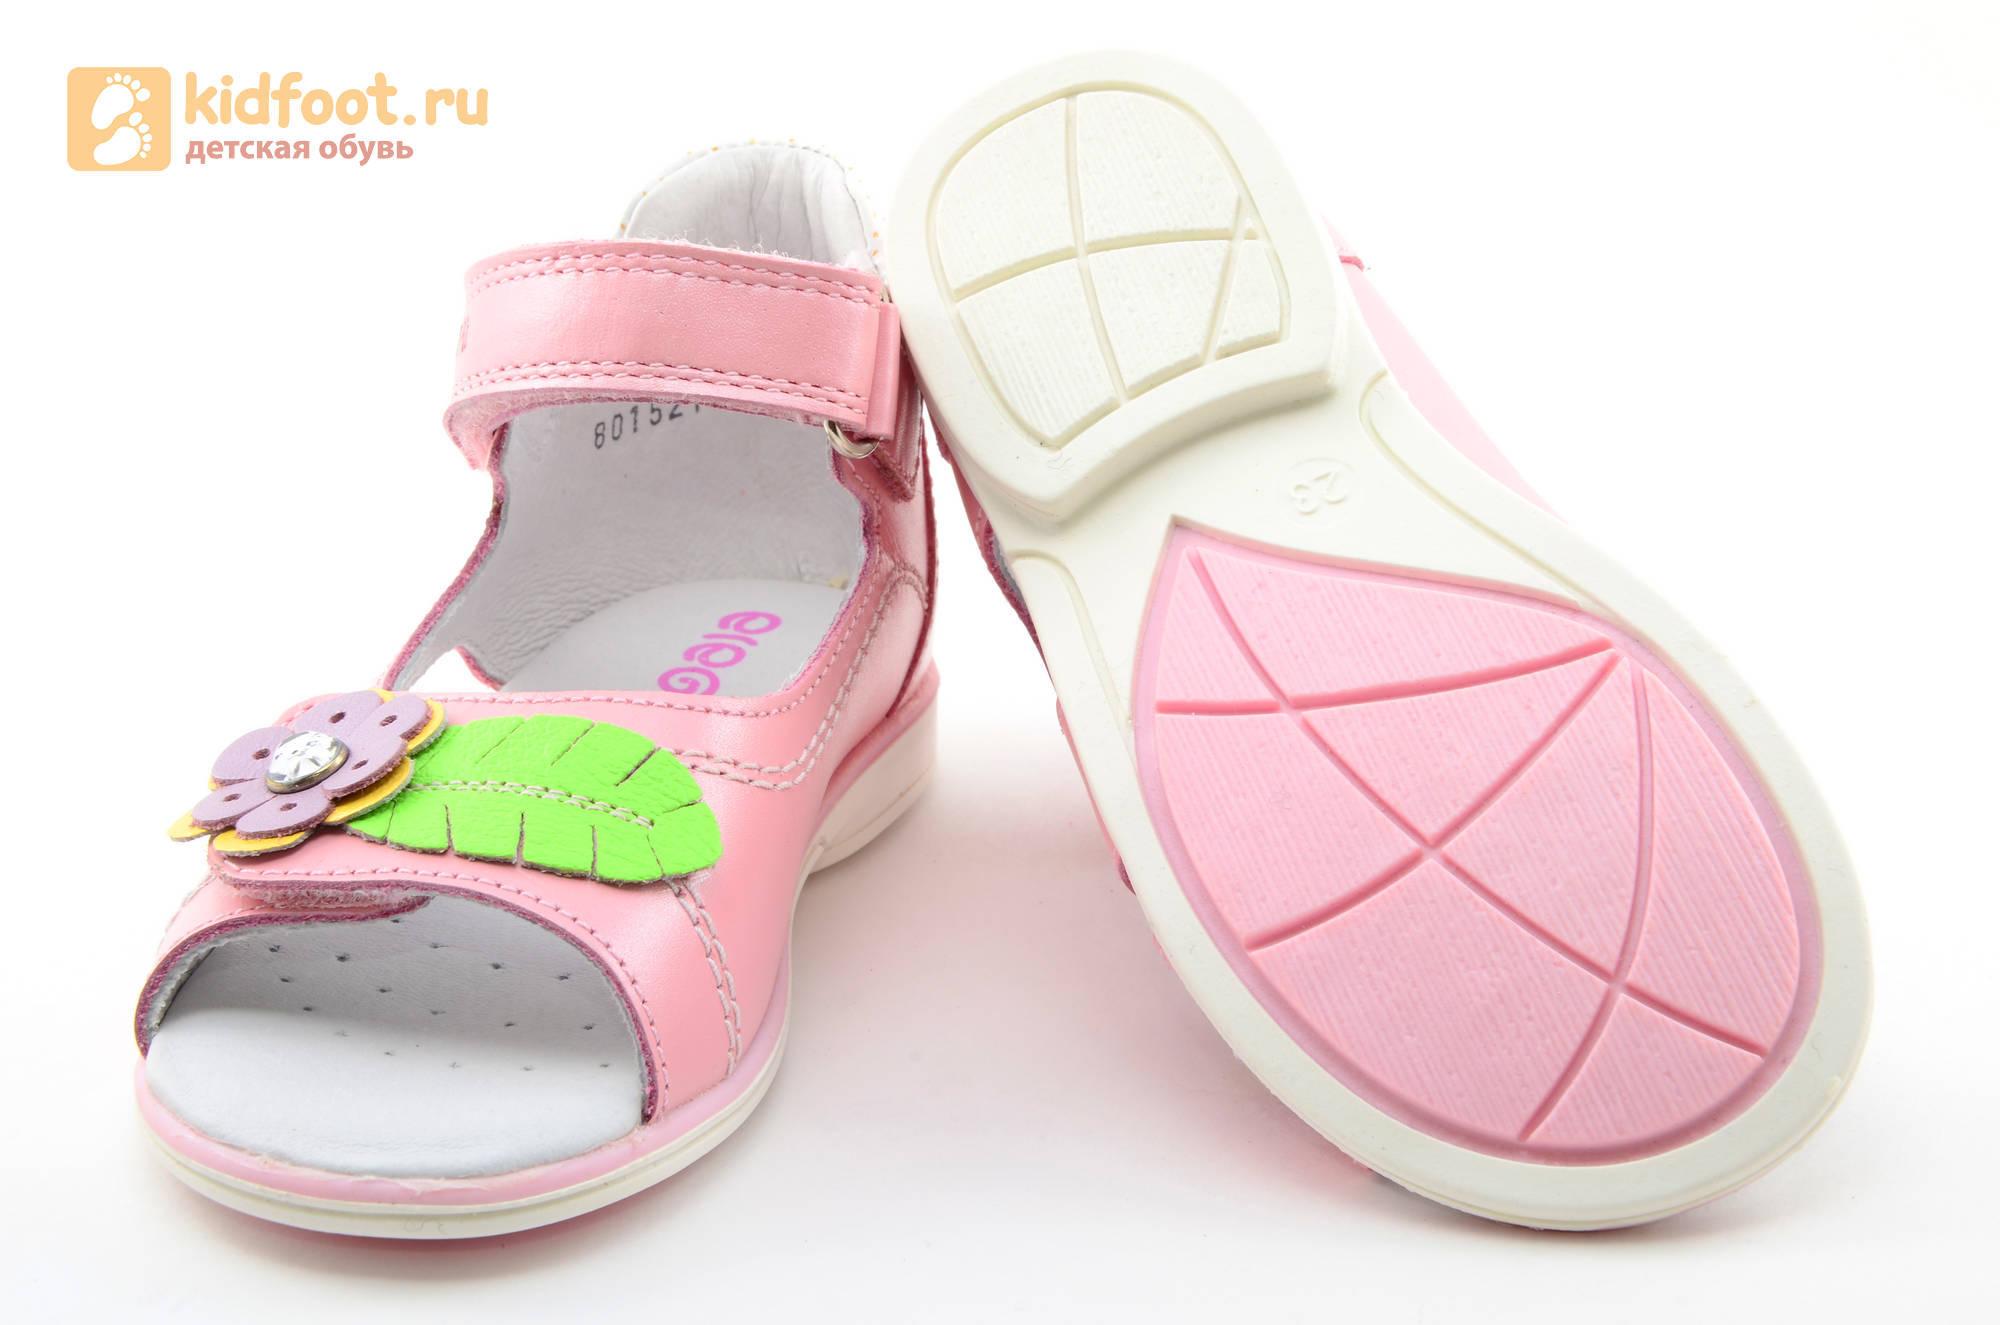 Босоножки ELEGAMI (Элегами) из натуральной кожи для девочек, цвет розовый